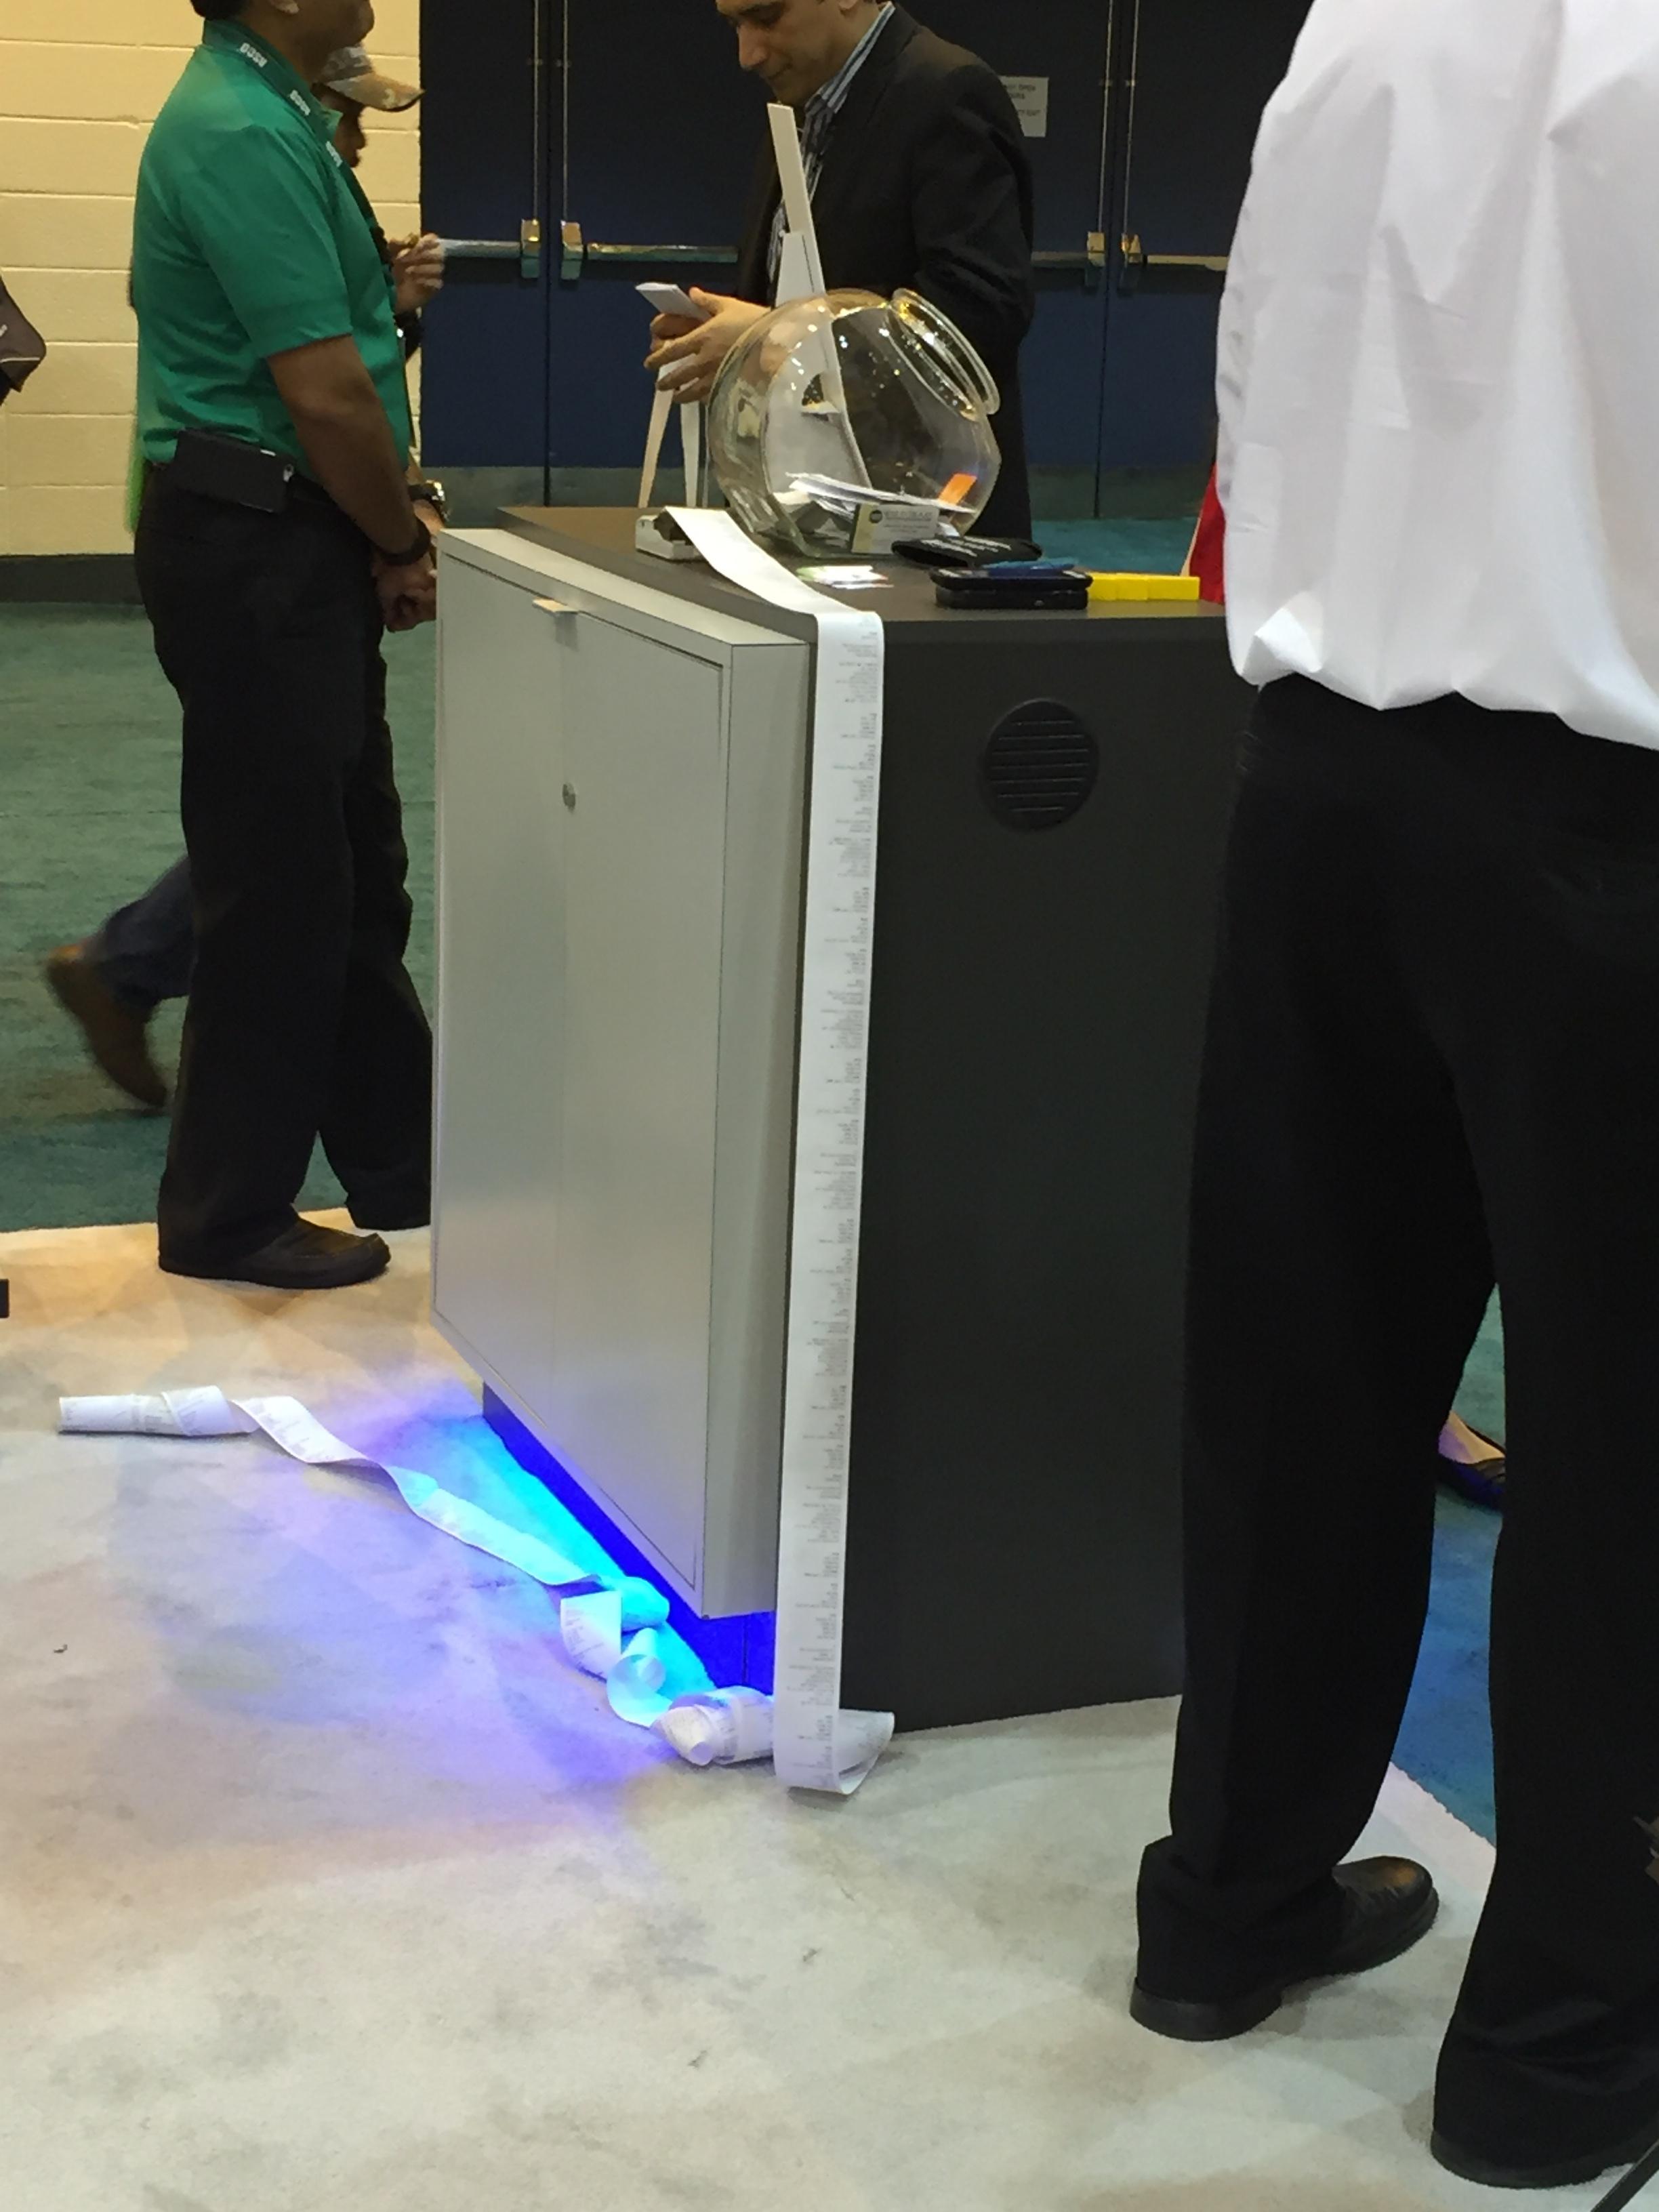 overflowing badge scanner.JPG